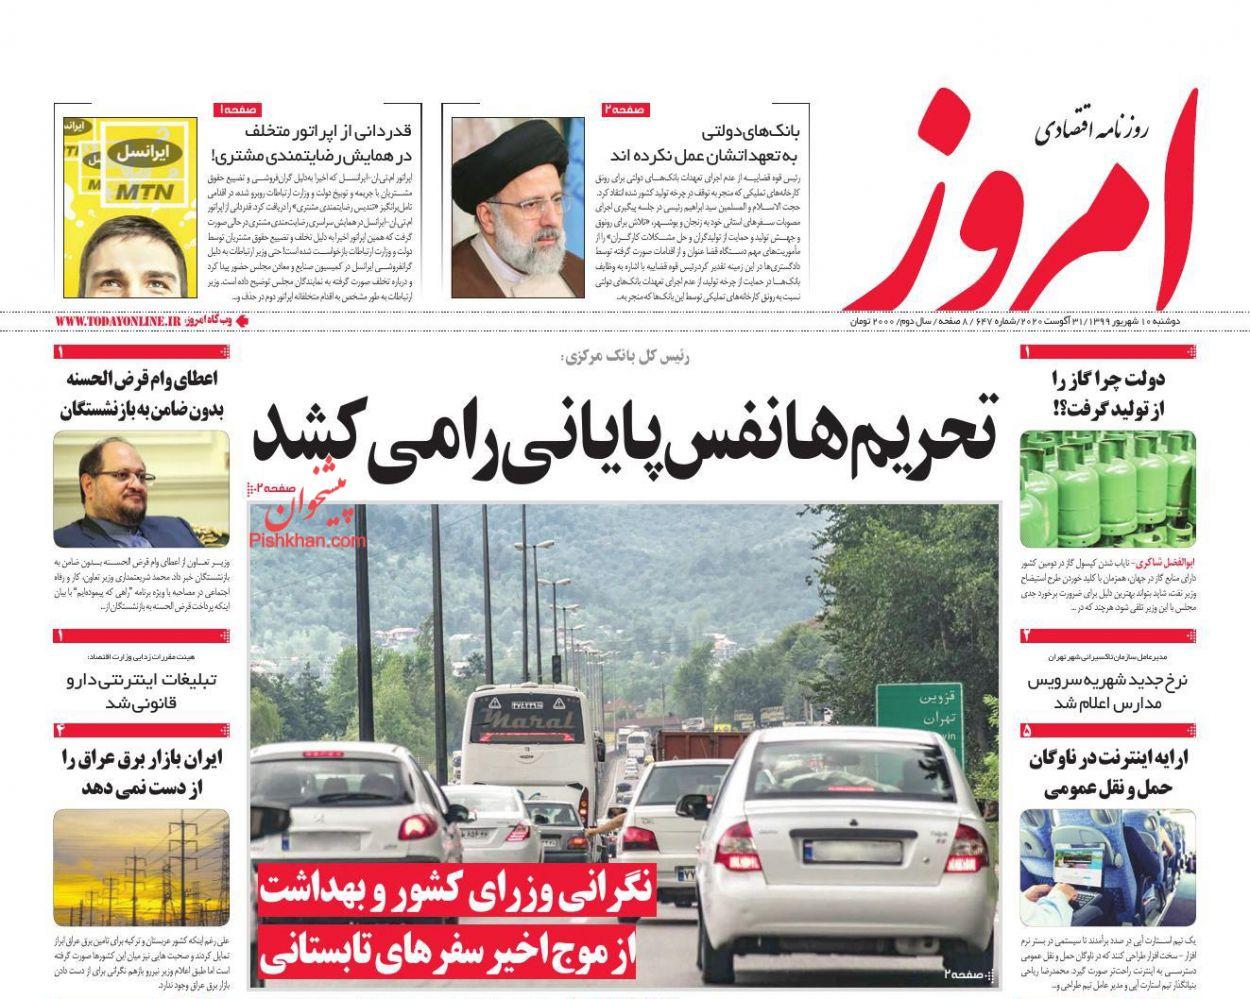 عناوین اخبار روزنامه امروز در روز دوشنبه ۱۰ شهریور